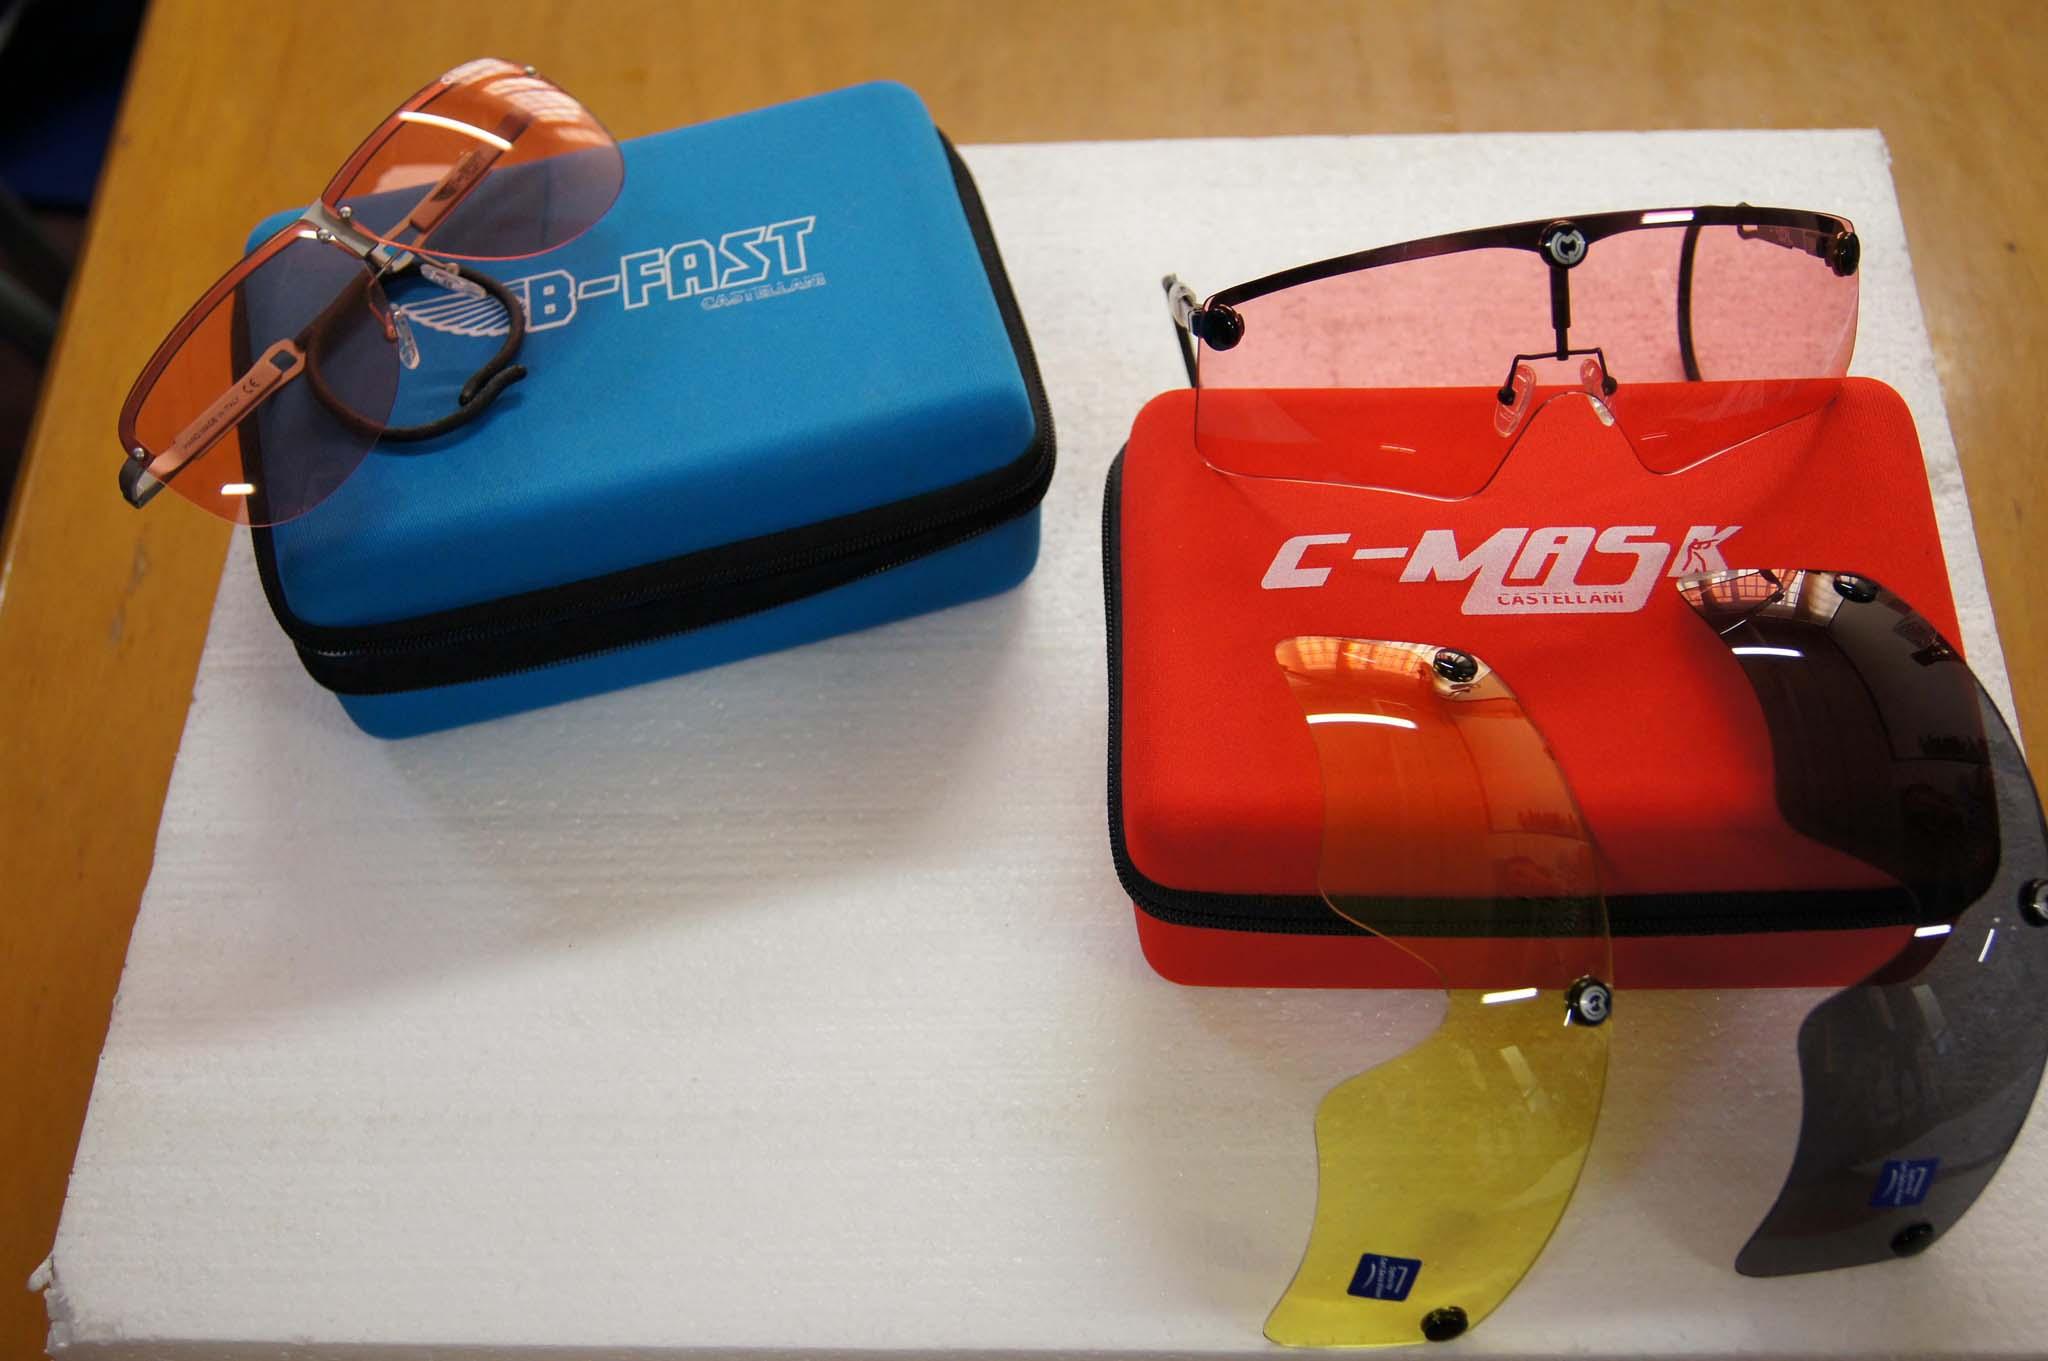 Occhiali da tiro accessori accessori news for Occhiali da tiro a volo zeiss